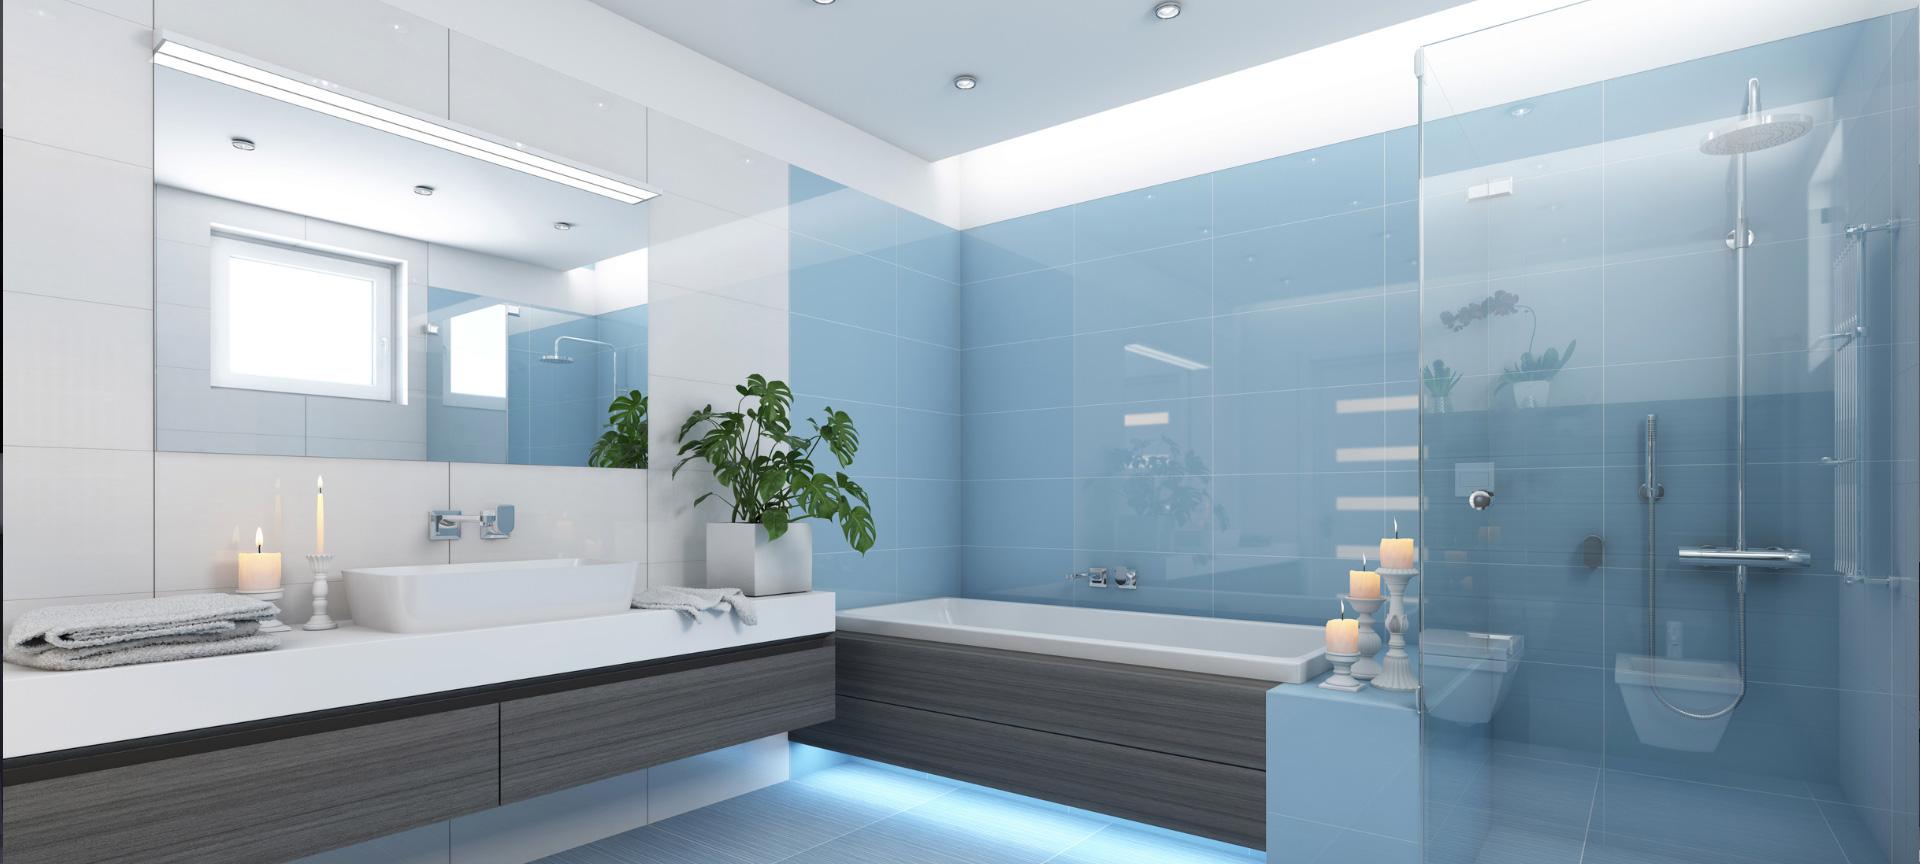 salle-de-bain JL-SARL